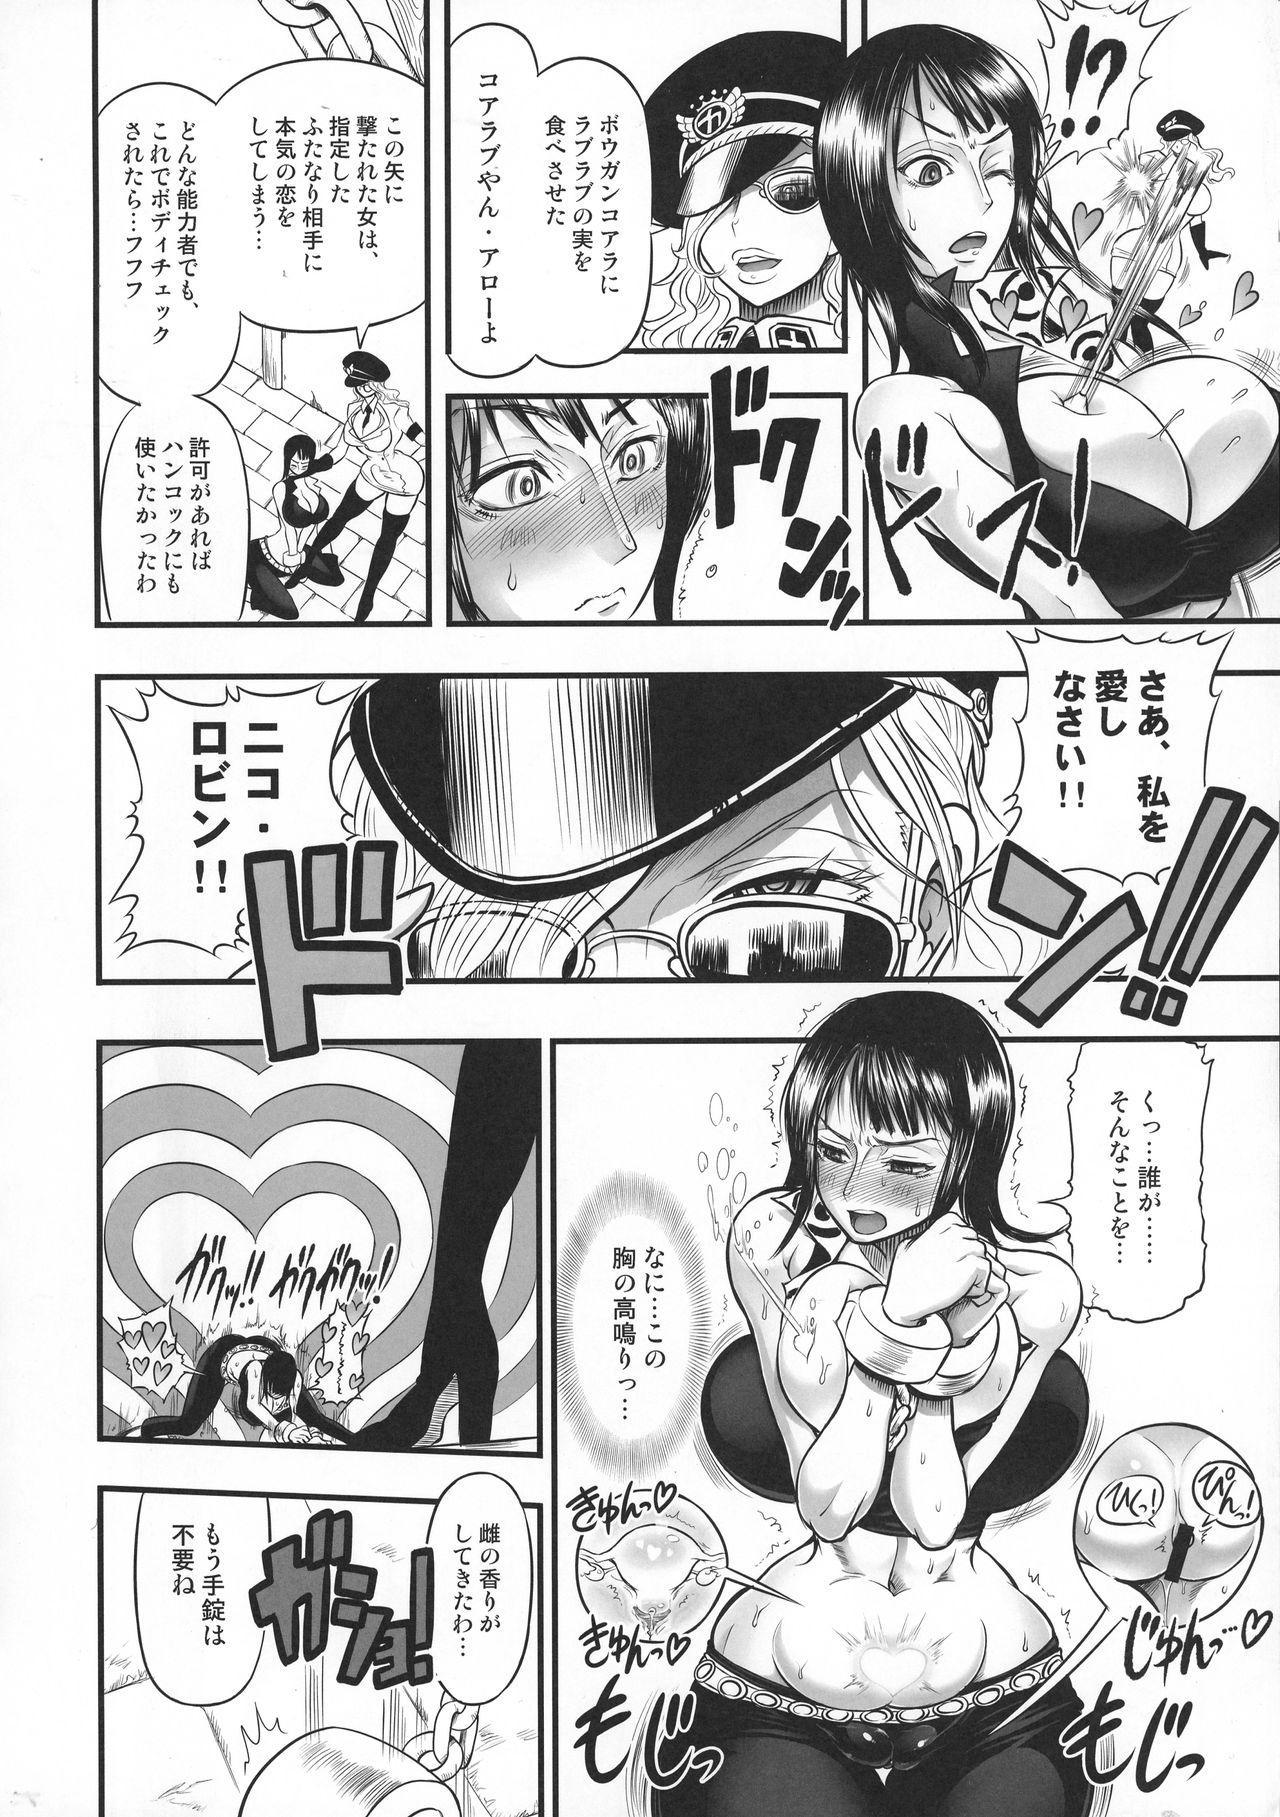 Midare Saki Joshuu Kaizoku Soushuuhen 7